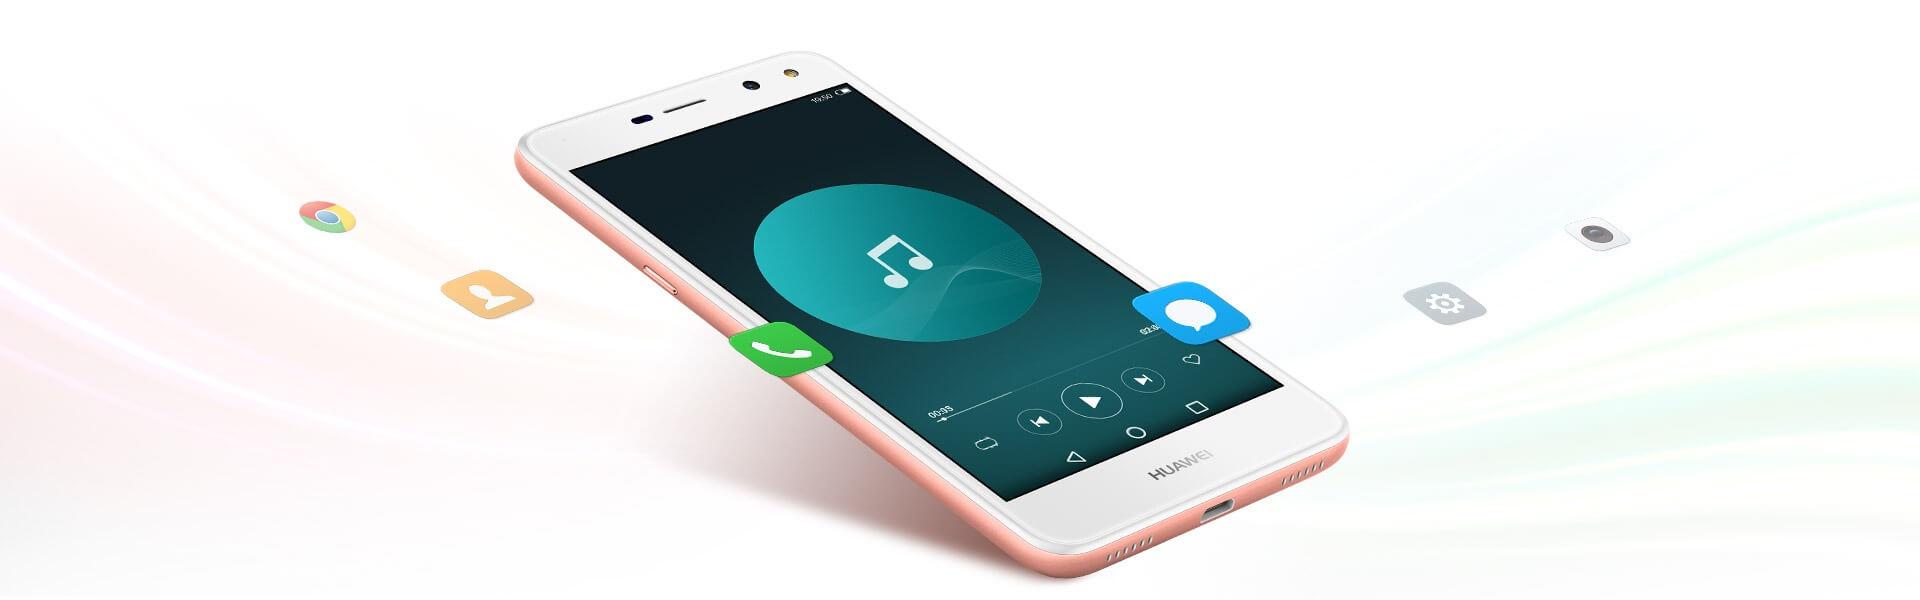 Huawei Y6 2017: Neues Einsteiger-Smartphone mit 5 Zoll